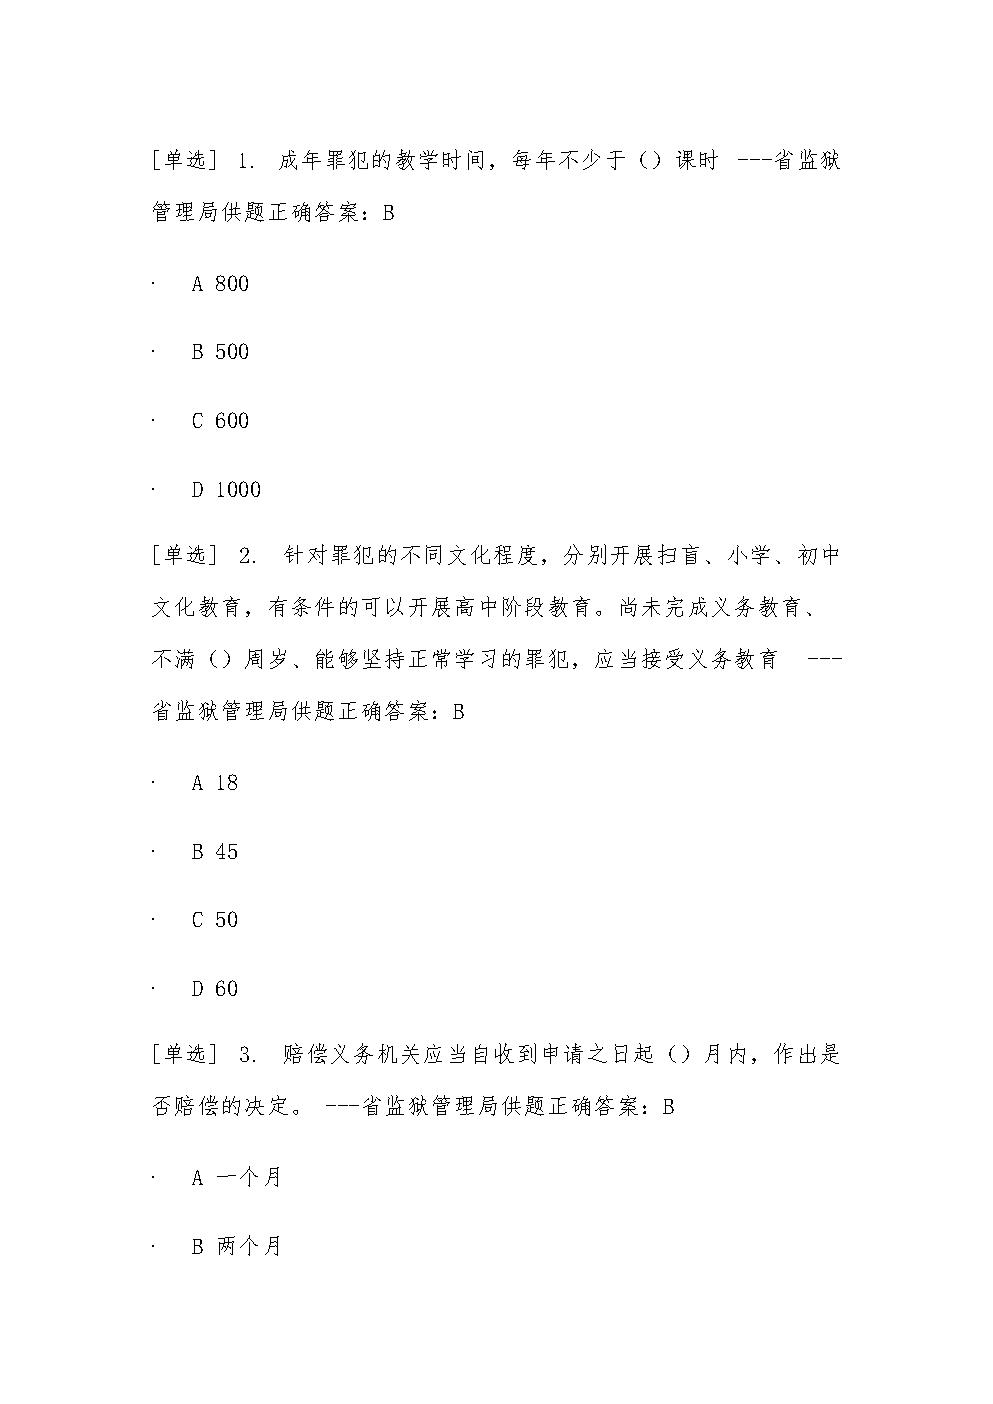 2019廣東省國家工作人員學法考試系統答案-專題練習題1.docx